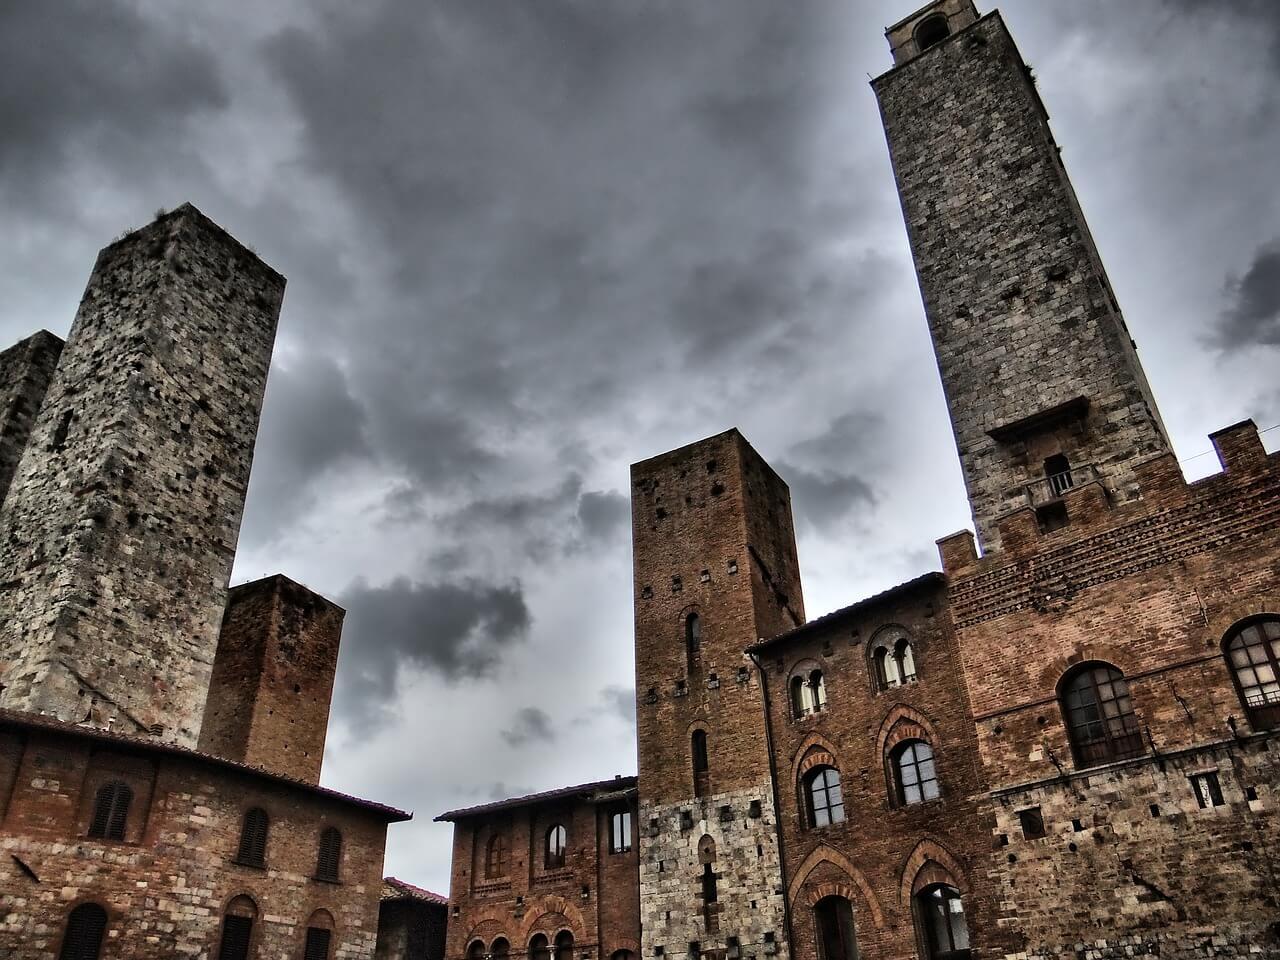 الأبراج القديمة الأكثر شهرة في العالم